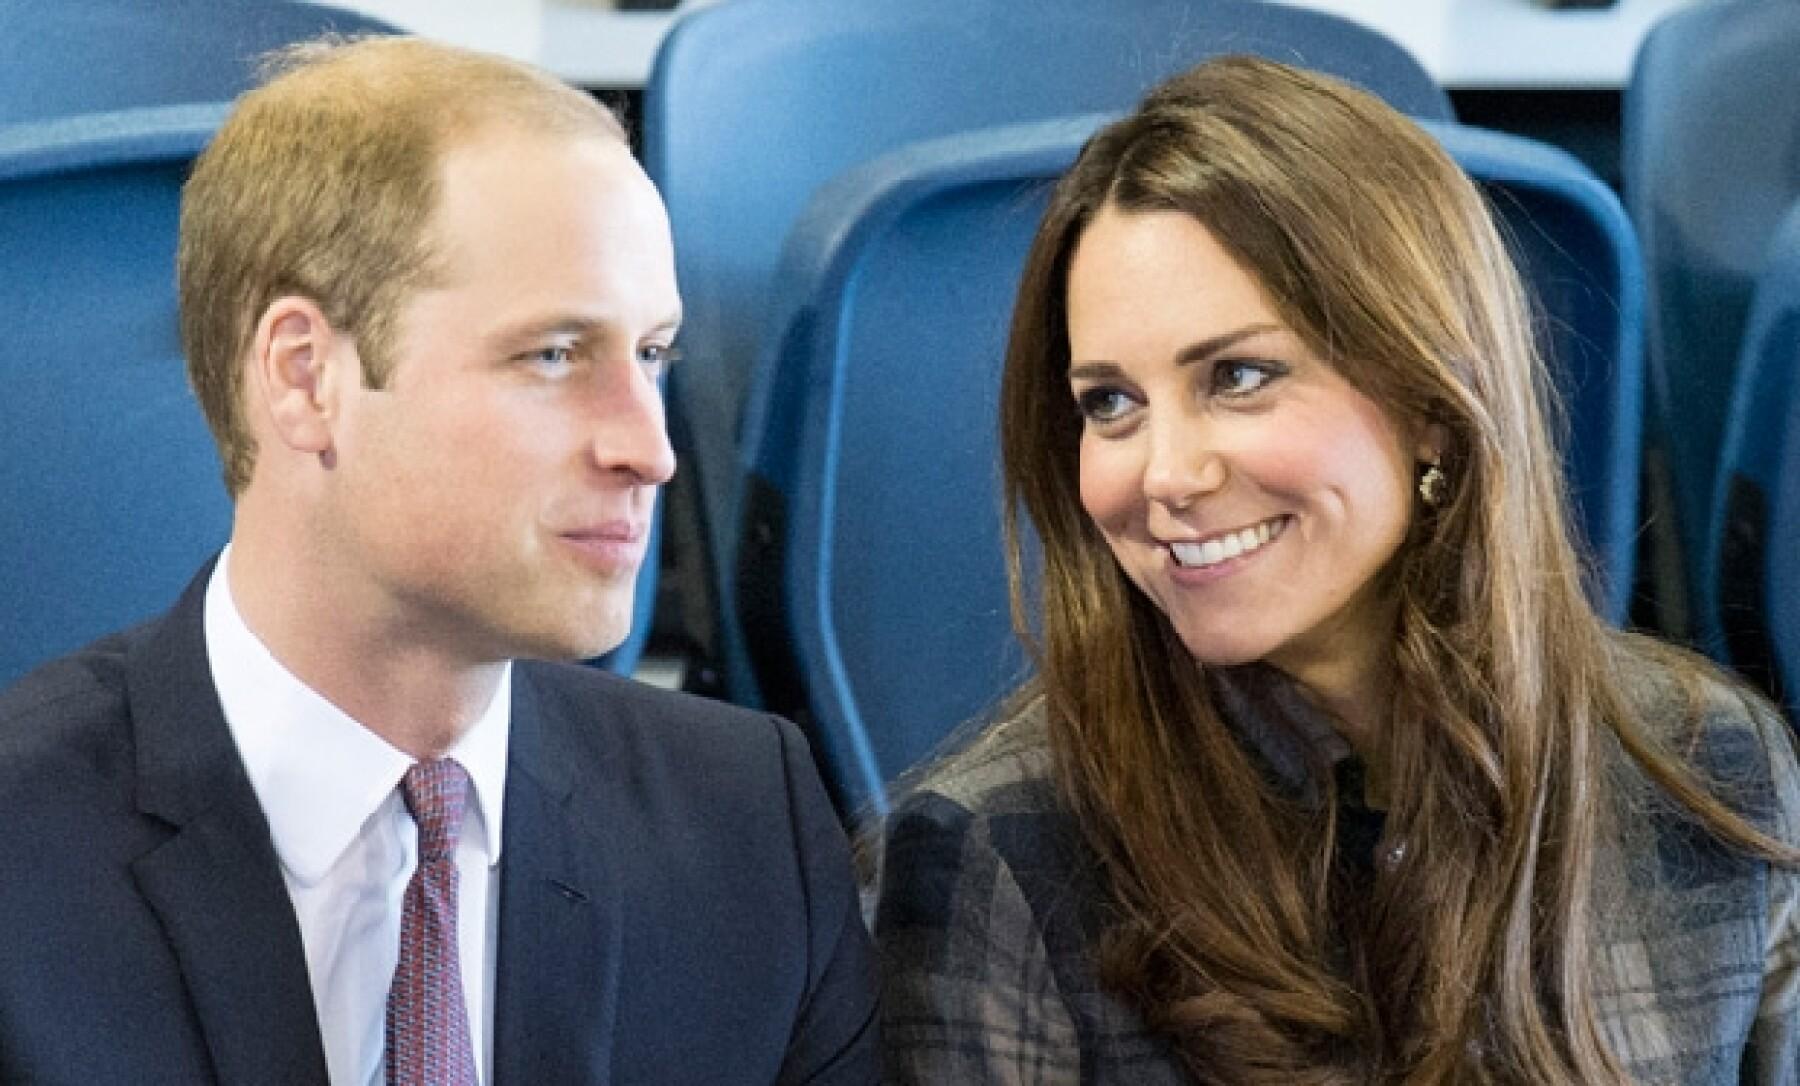 De acuerdo con el diario El Mundo, fuentes cercanas al Palacio de St. James revelaron que la pareja estuvo de acuerdo en no enterarse si tendrán niño o niña hasta su nacimiento.